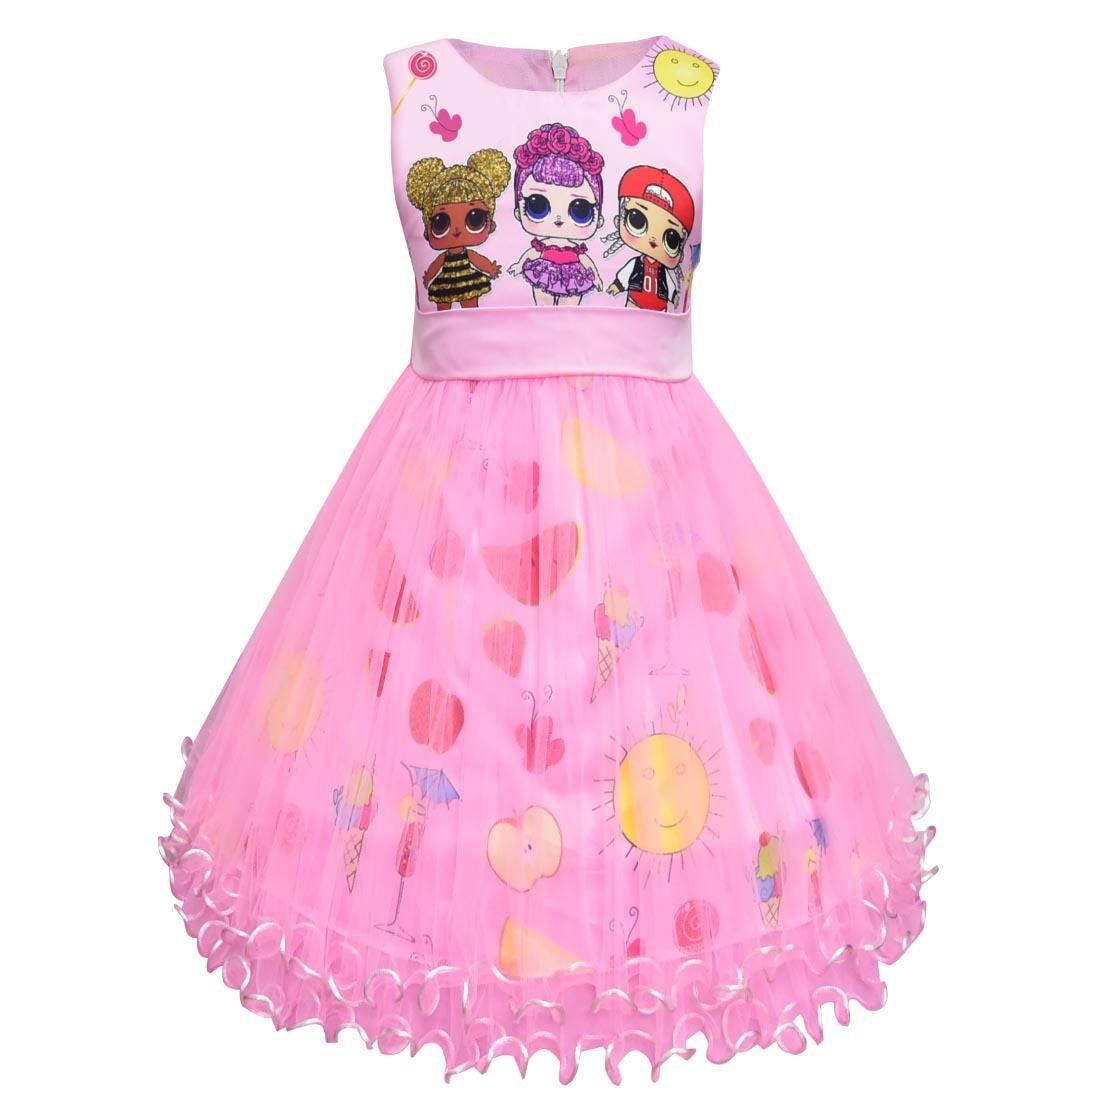 Neue verkauf Mädchen Prinzessin Geburtstag Party Rüschen Mesh Kinder Kleider Für Marienkäfer LOL Tutu Kleid Für Mädchen Sommer Kleid Hochzeit kleidung